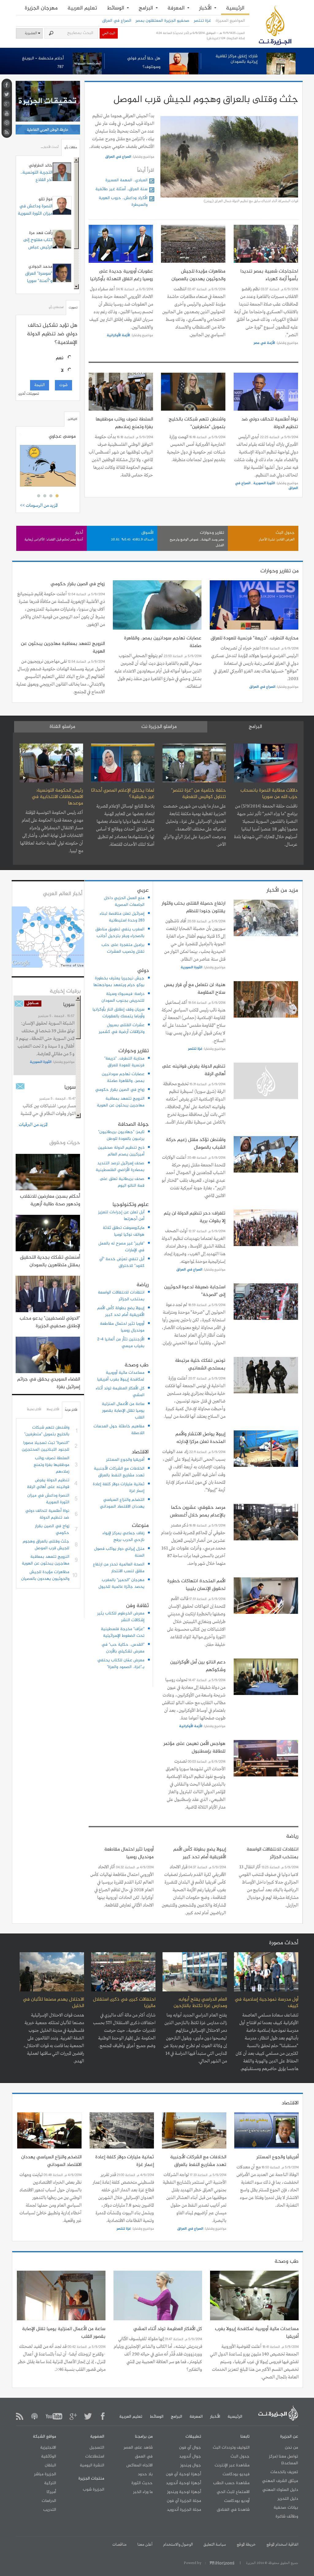 Al Jazeera at Saturday Sept. 6, 2014, 2:12 a.m. UTC